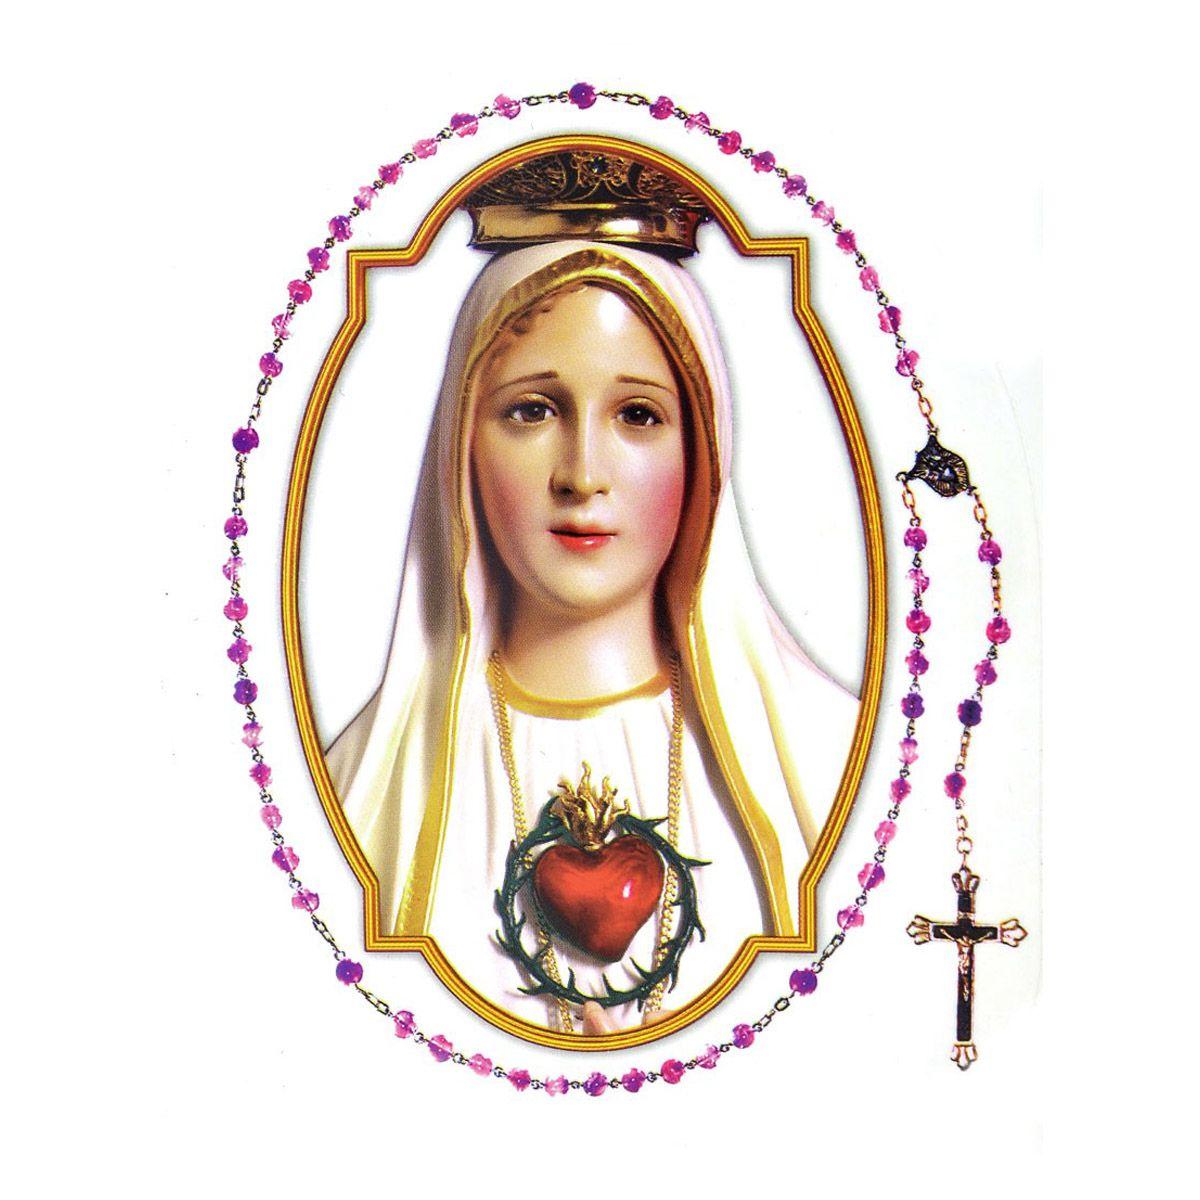 Adesivo Nossa Senhora de Fátima Externo - 4 Unidades